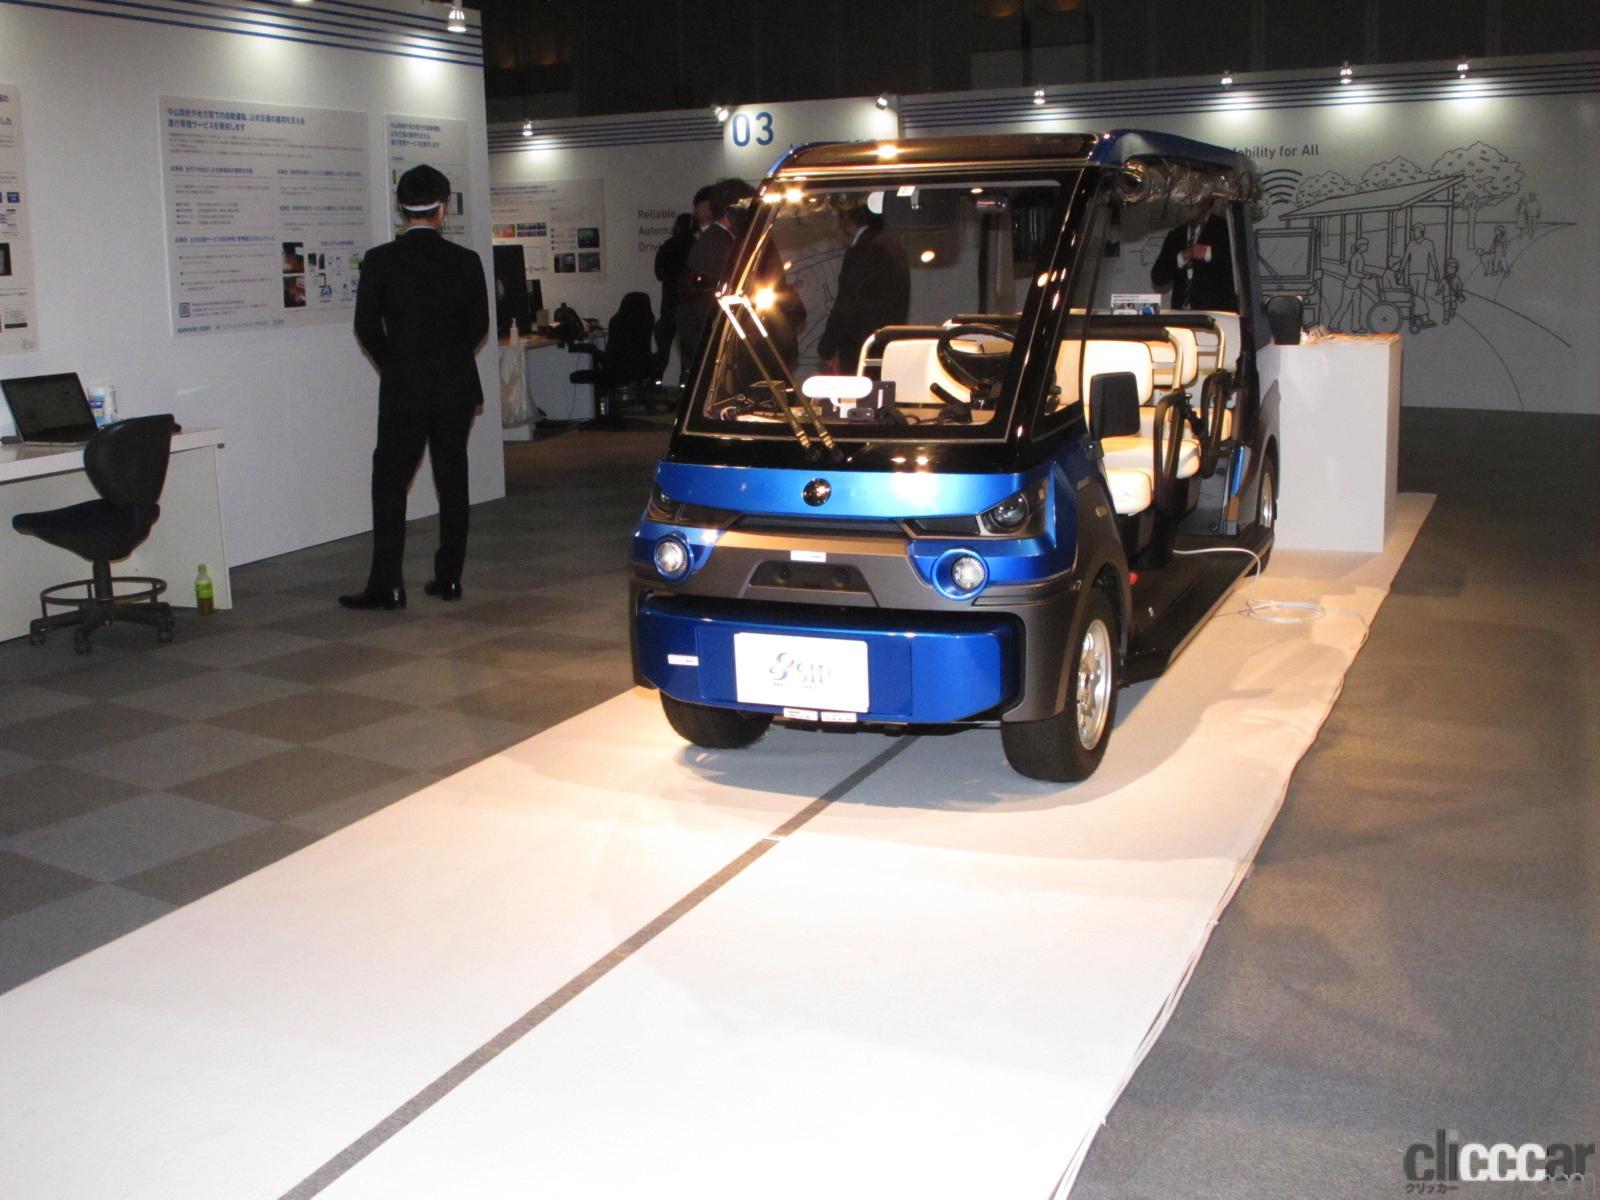 「清水和夫が解説!日本が進める「自動運転の今」はどんな技術で、どう使うのか?【SIP第2期 自動運転 中間成果発表会】」の22枚目の画像